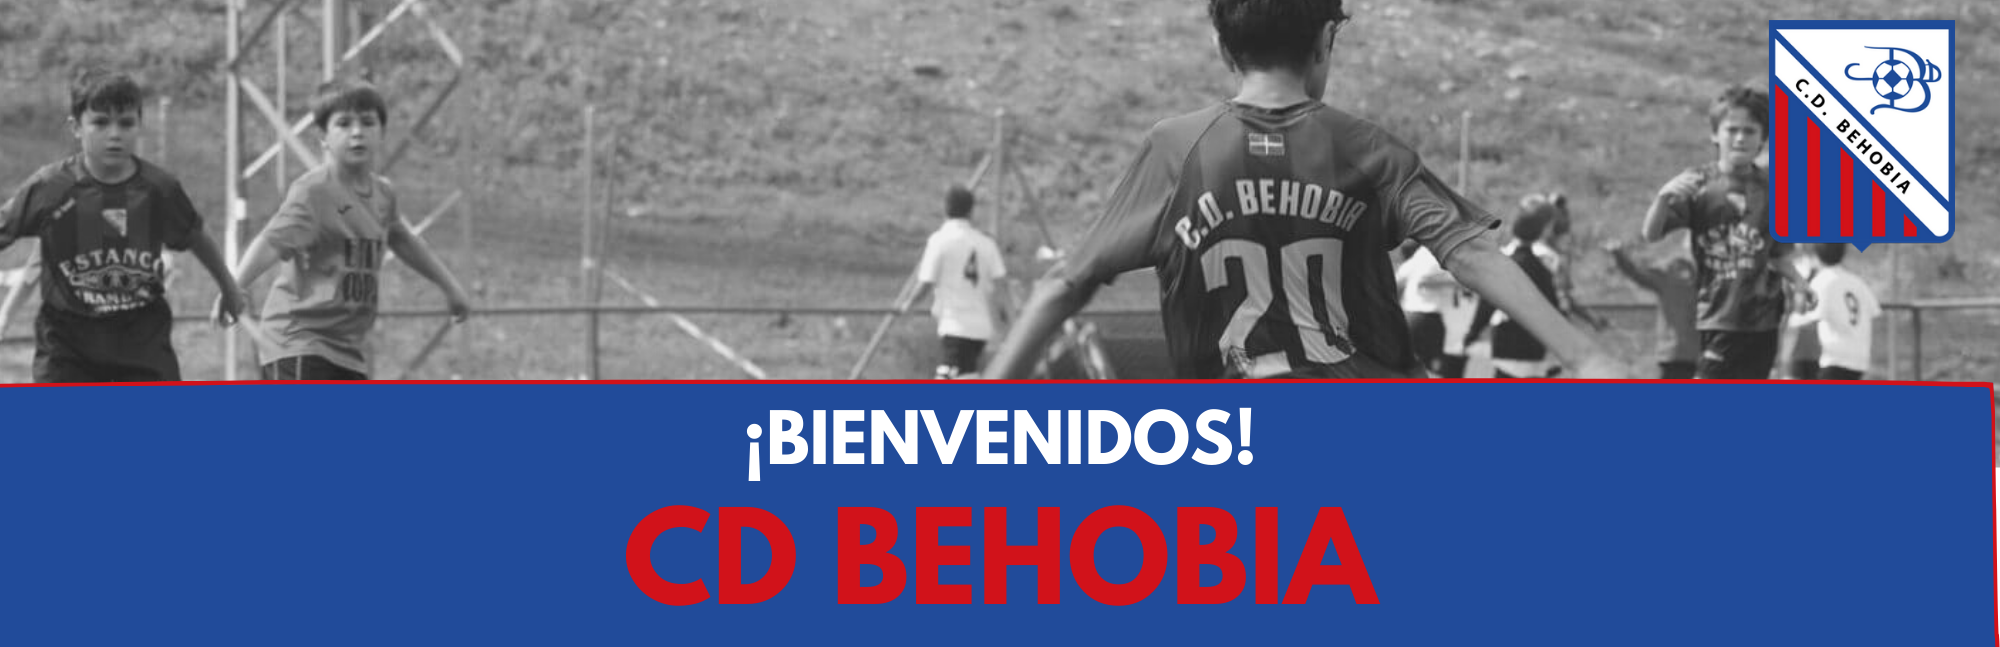 ¡BIENVENIDOS! CD BEHOBIA